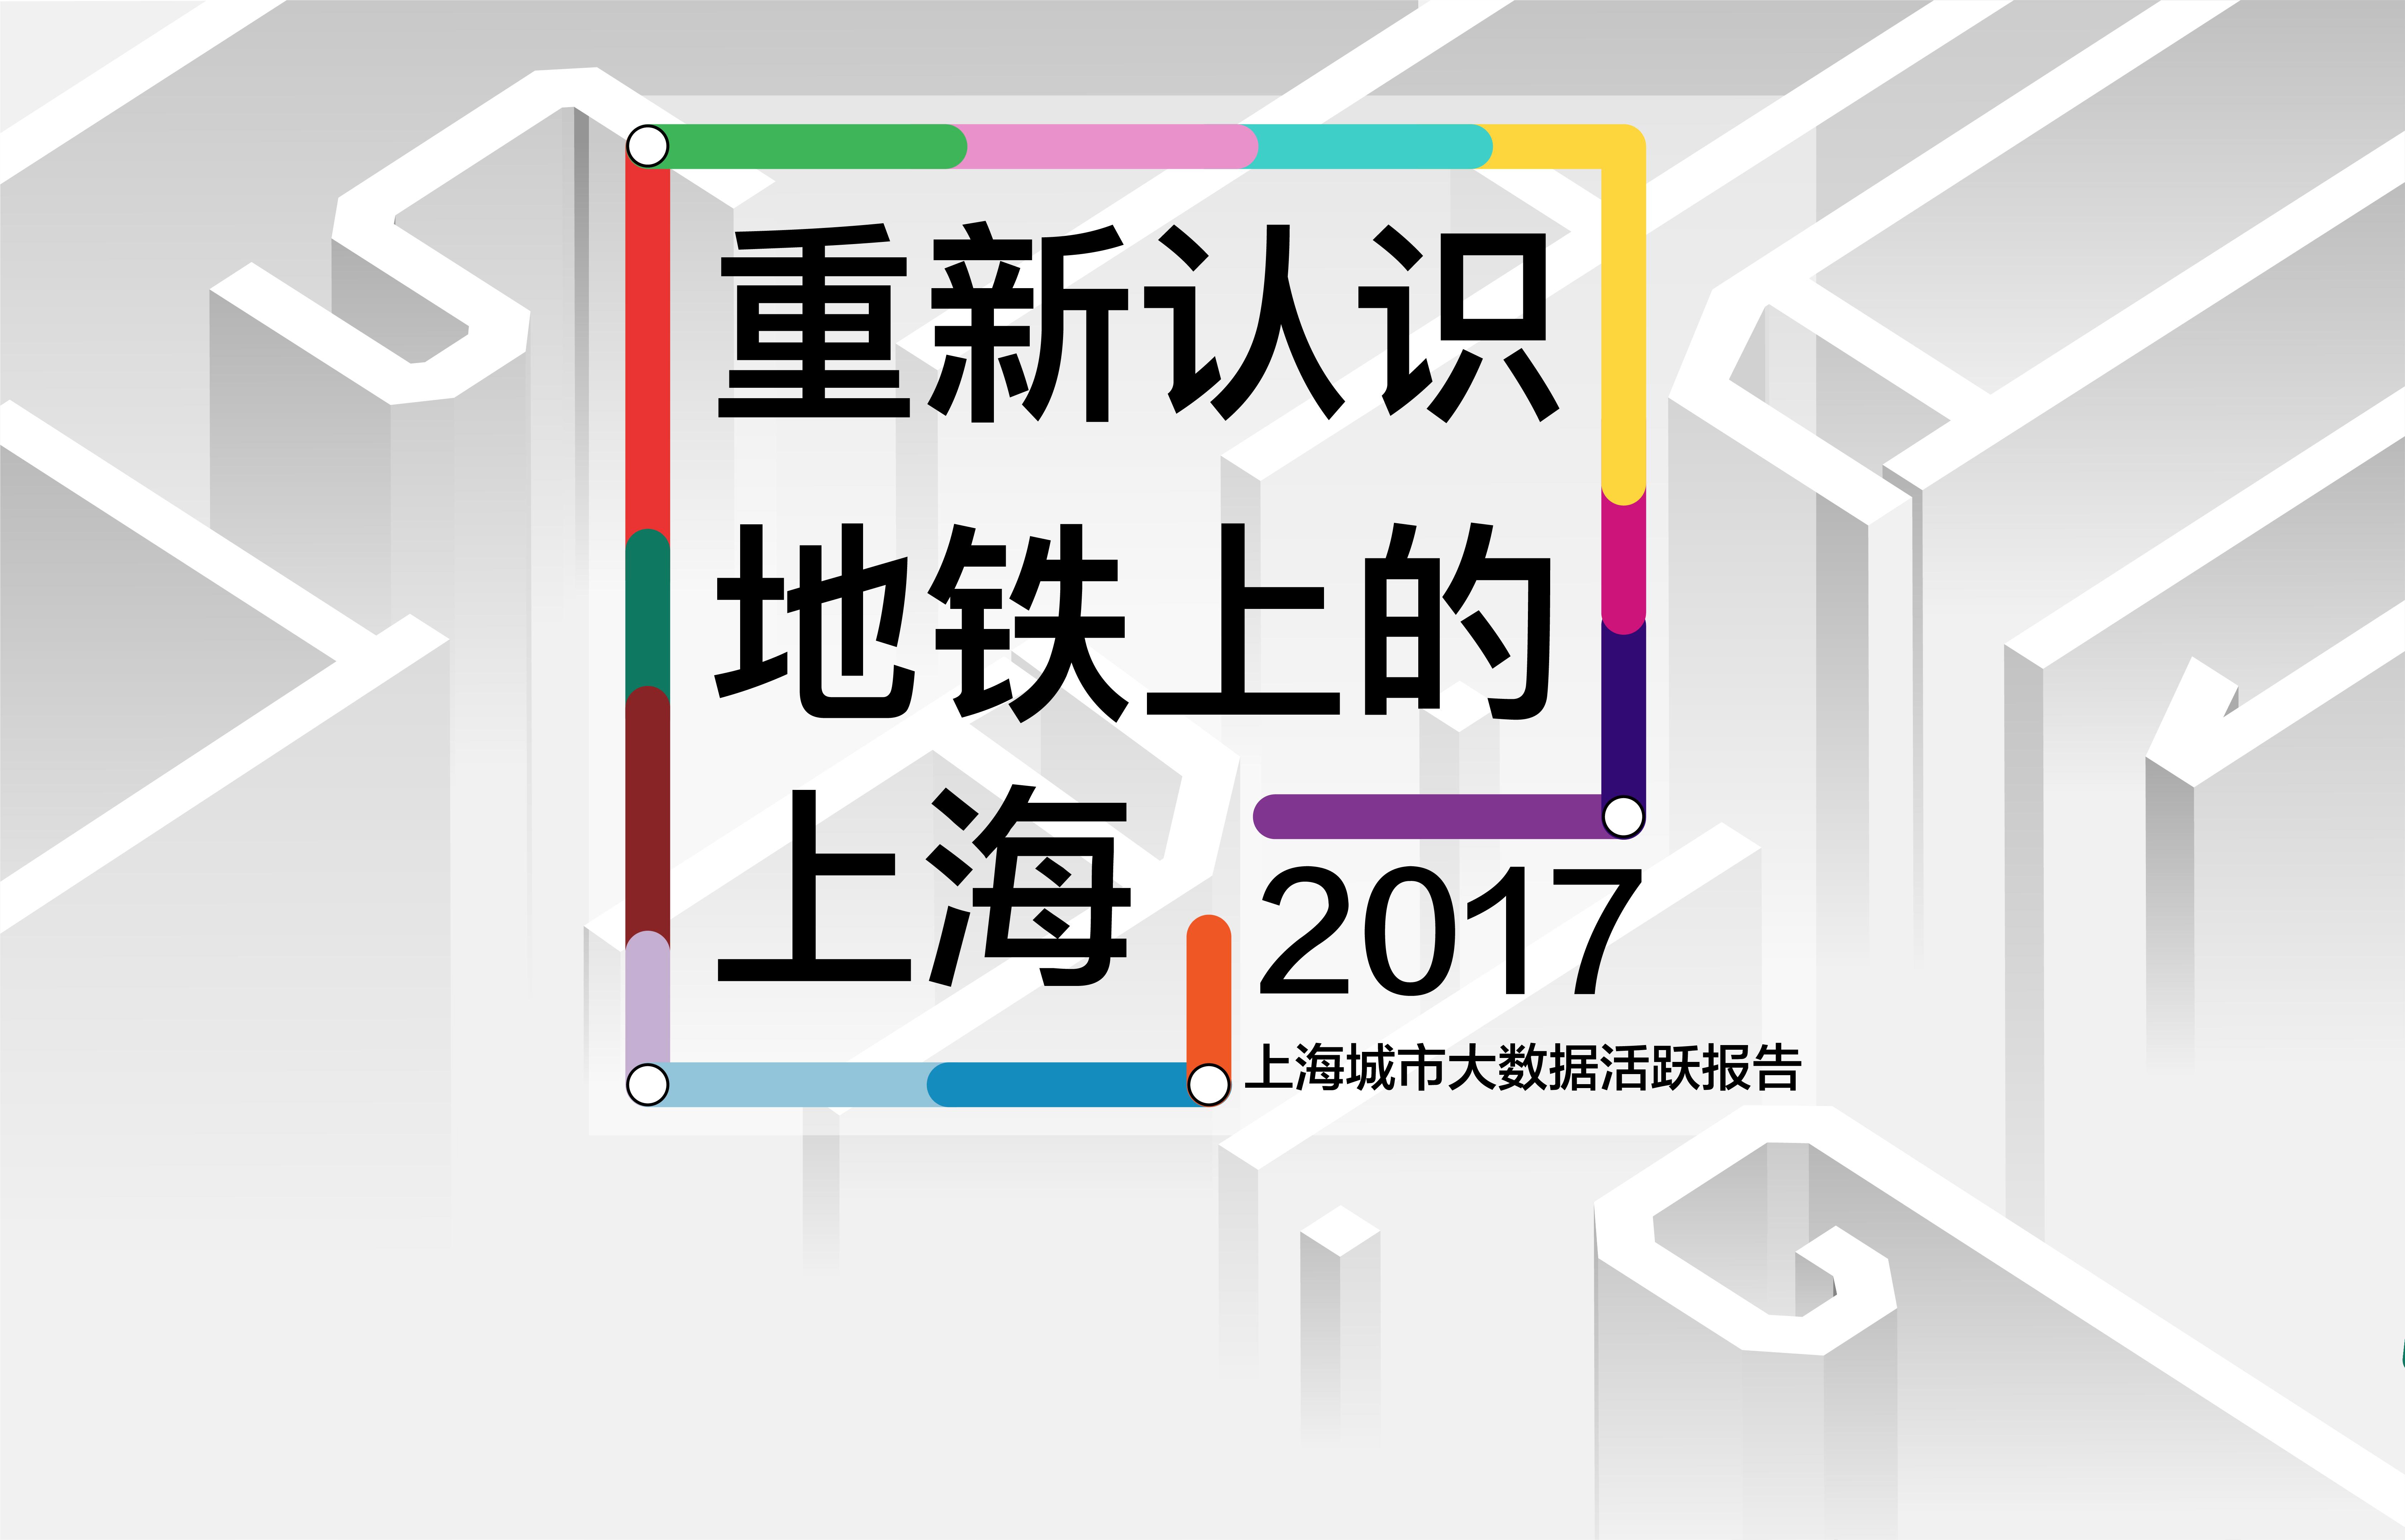 重新认识地铁上的上海:2017上海城市大数据报告发布